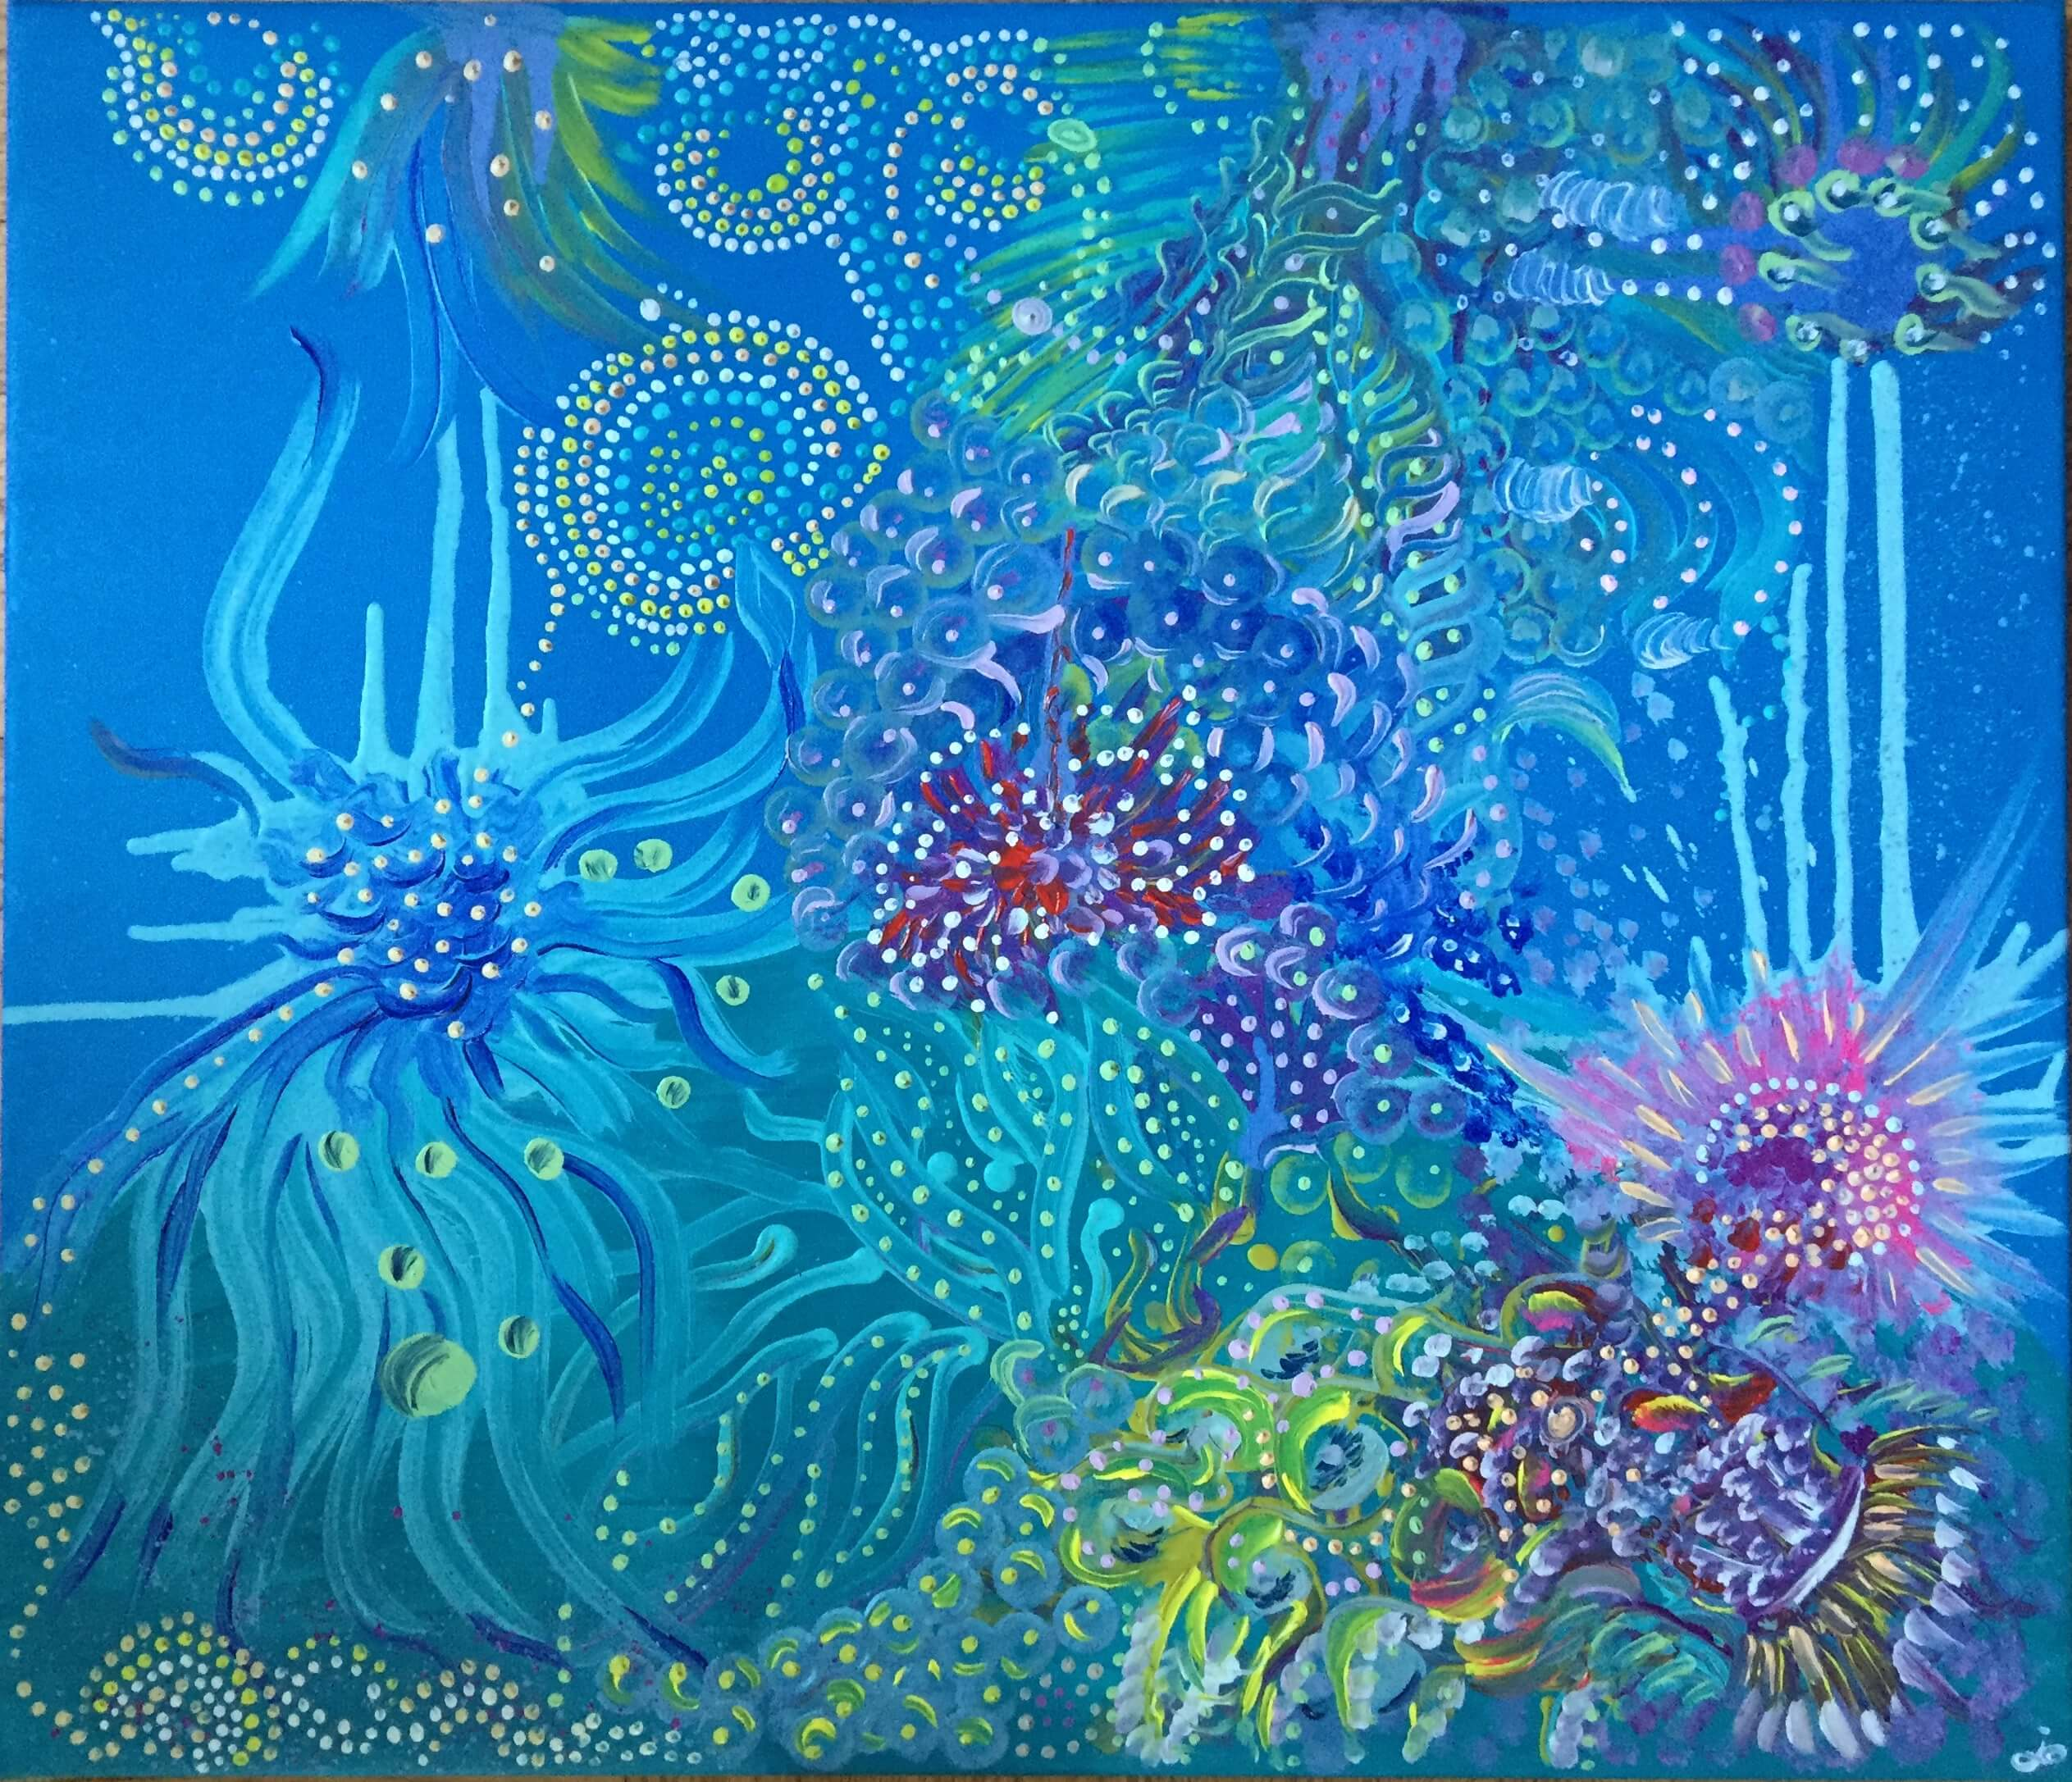 abstrakcja, obraz olejny, do salonu, malarstwo współczesne, malarstwo abstrakcyjne, wyobraźnia, 2021 art, abstrakt art, malarstwo olejne, ręcznie malowane, morze